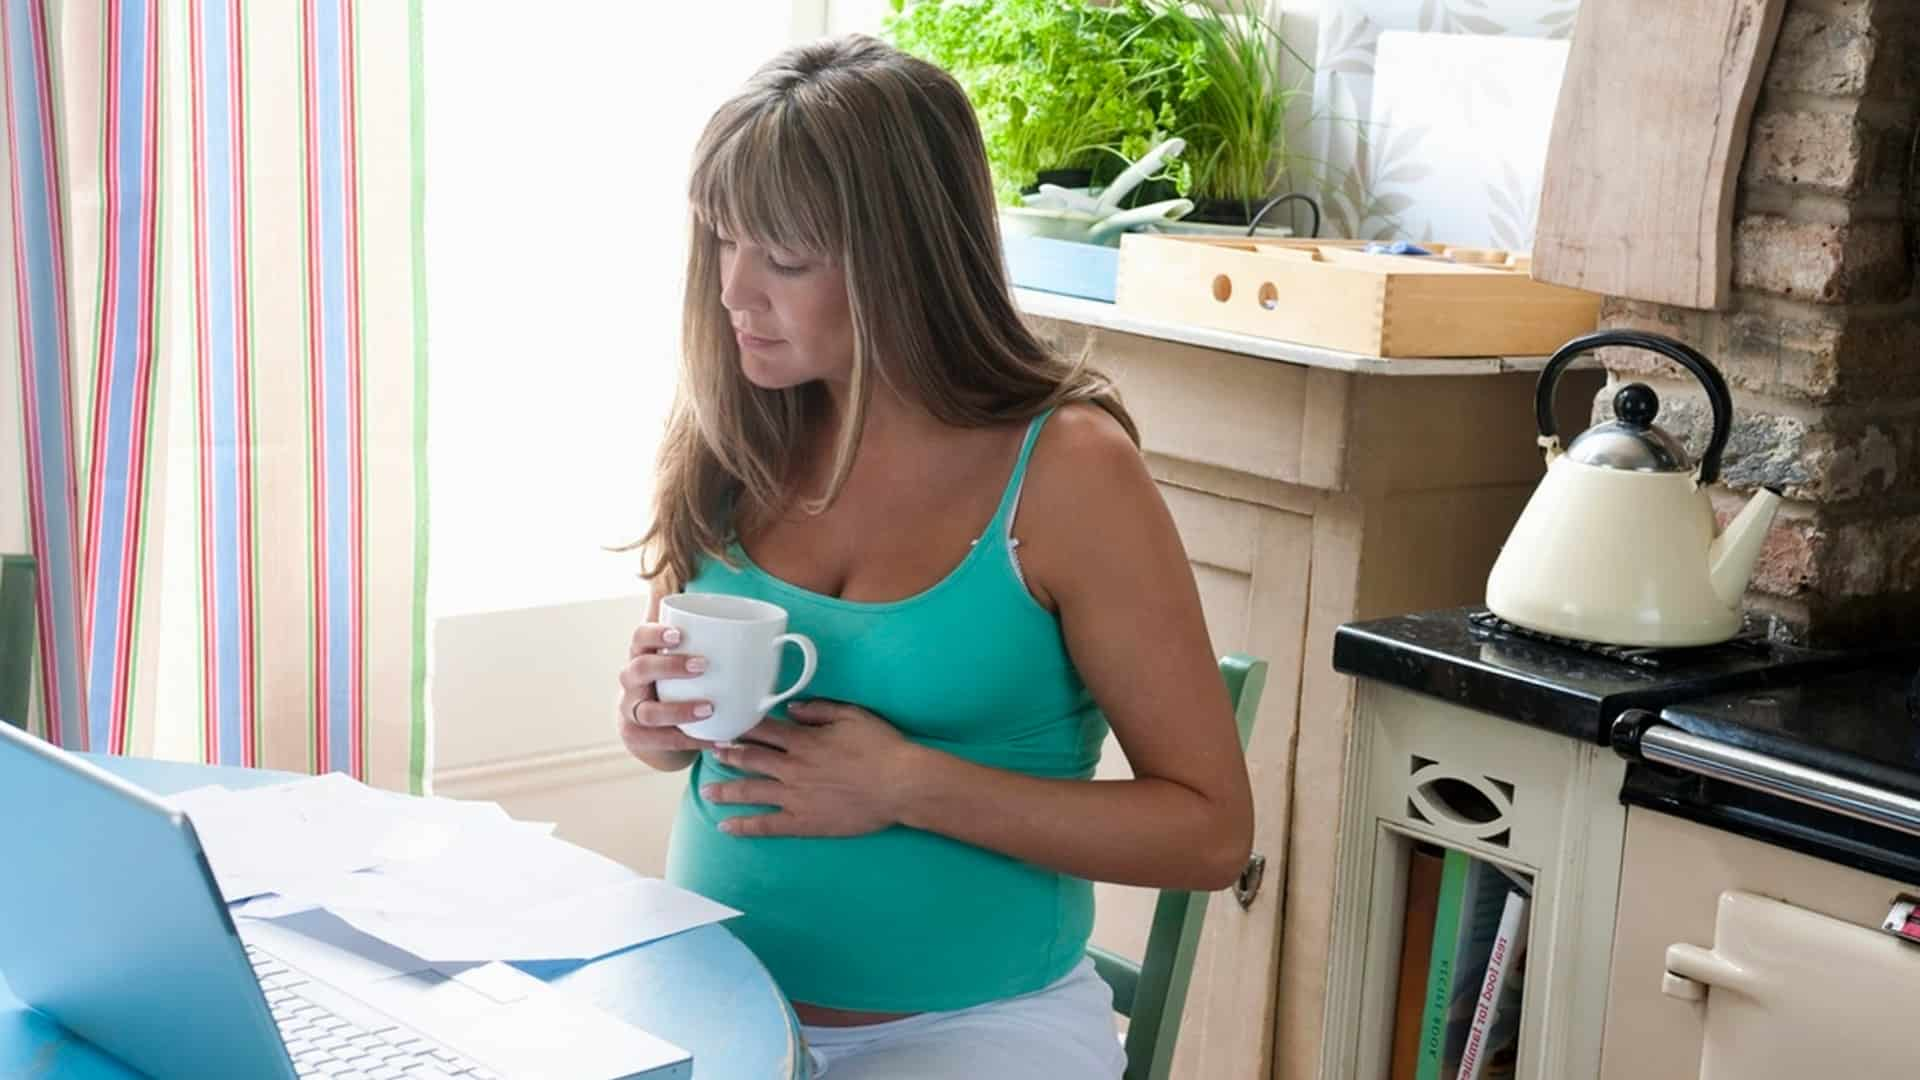 Можно ли пить кофе при беременности и как это делать с максимальной пользой + фото, видео и отзывы